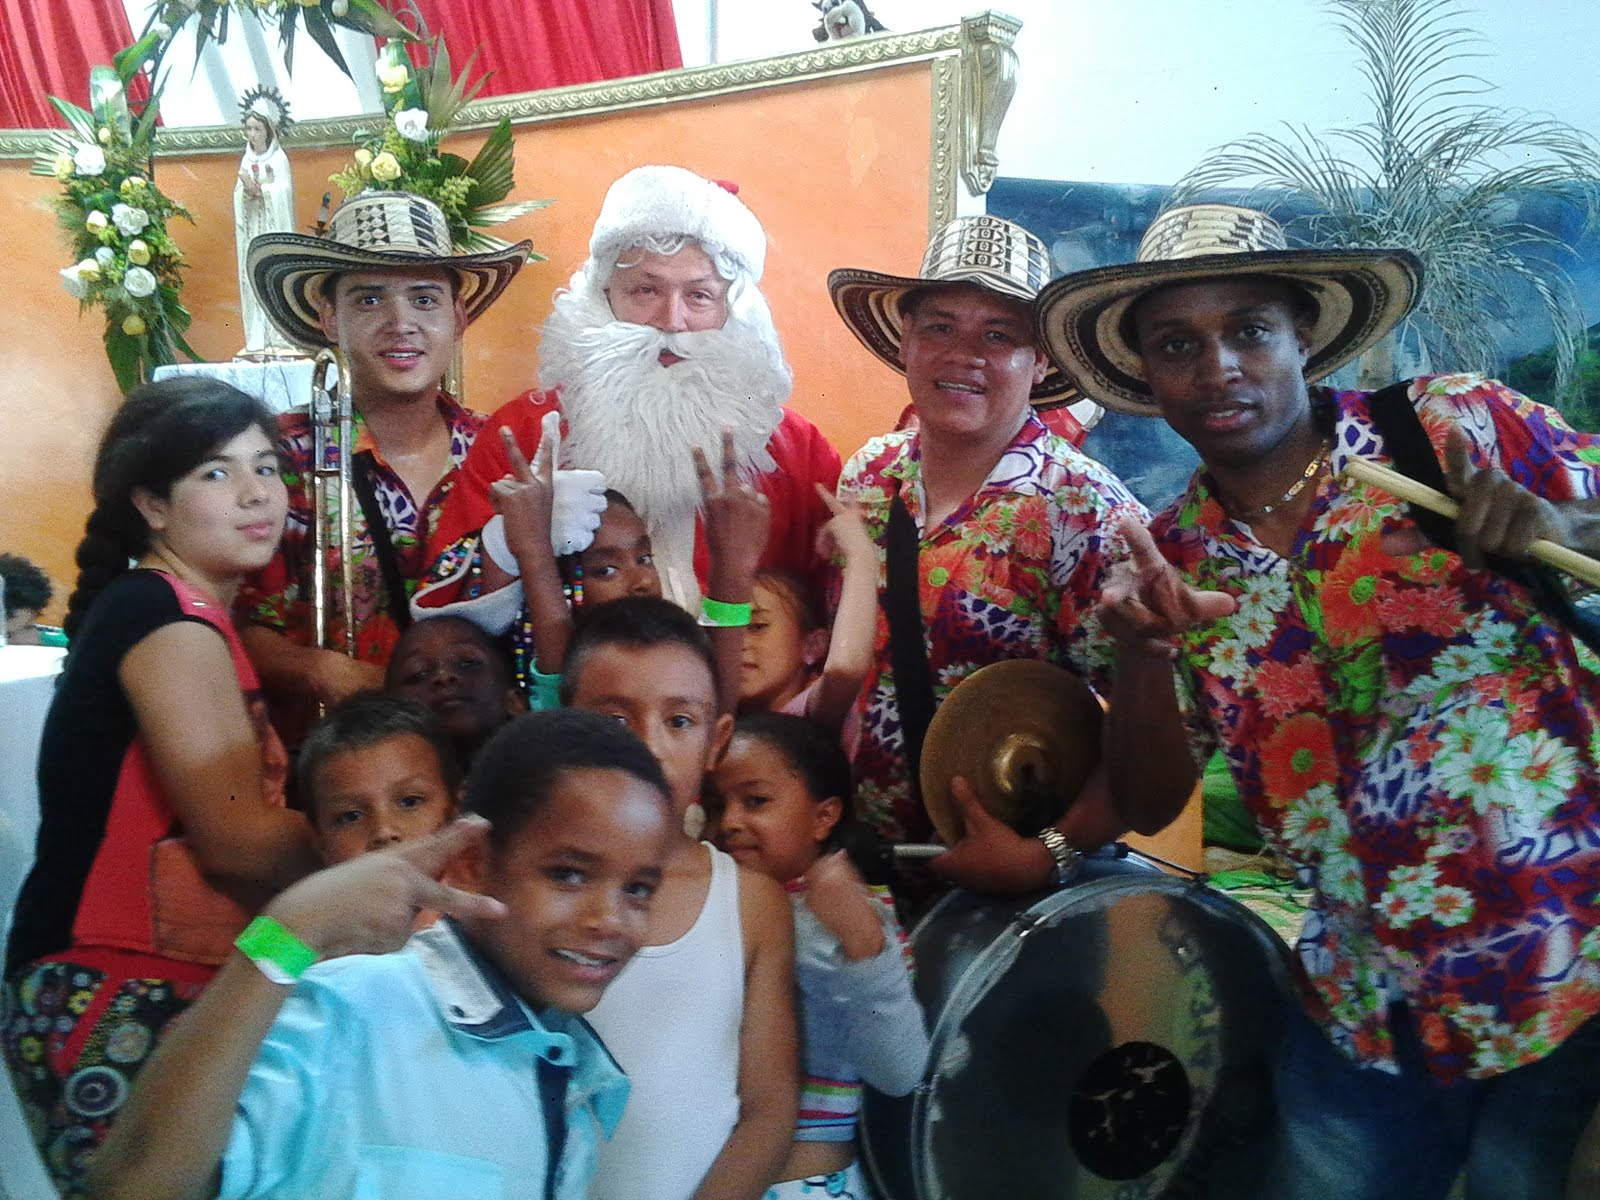 Papayeras Carnaval Tel.300 4677426